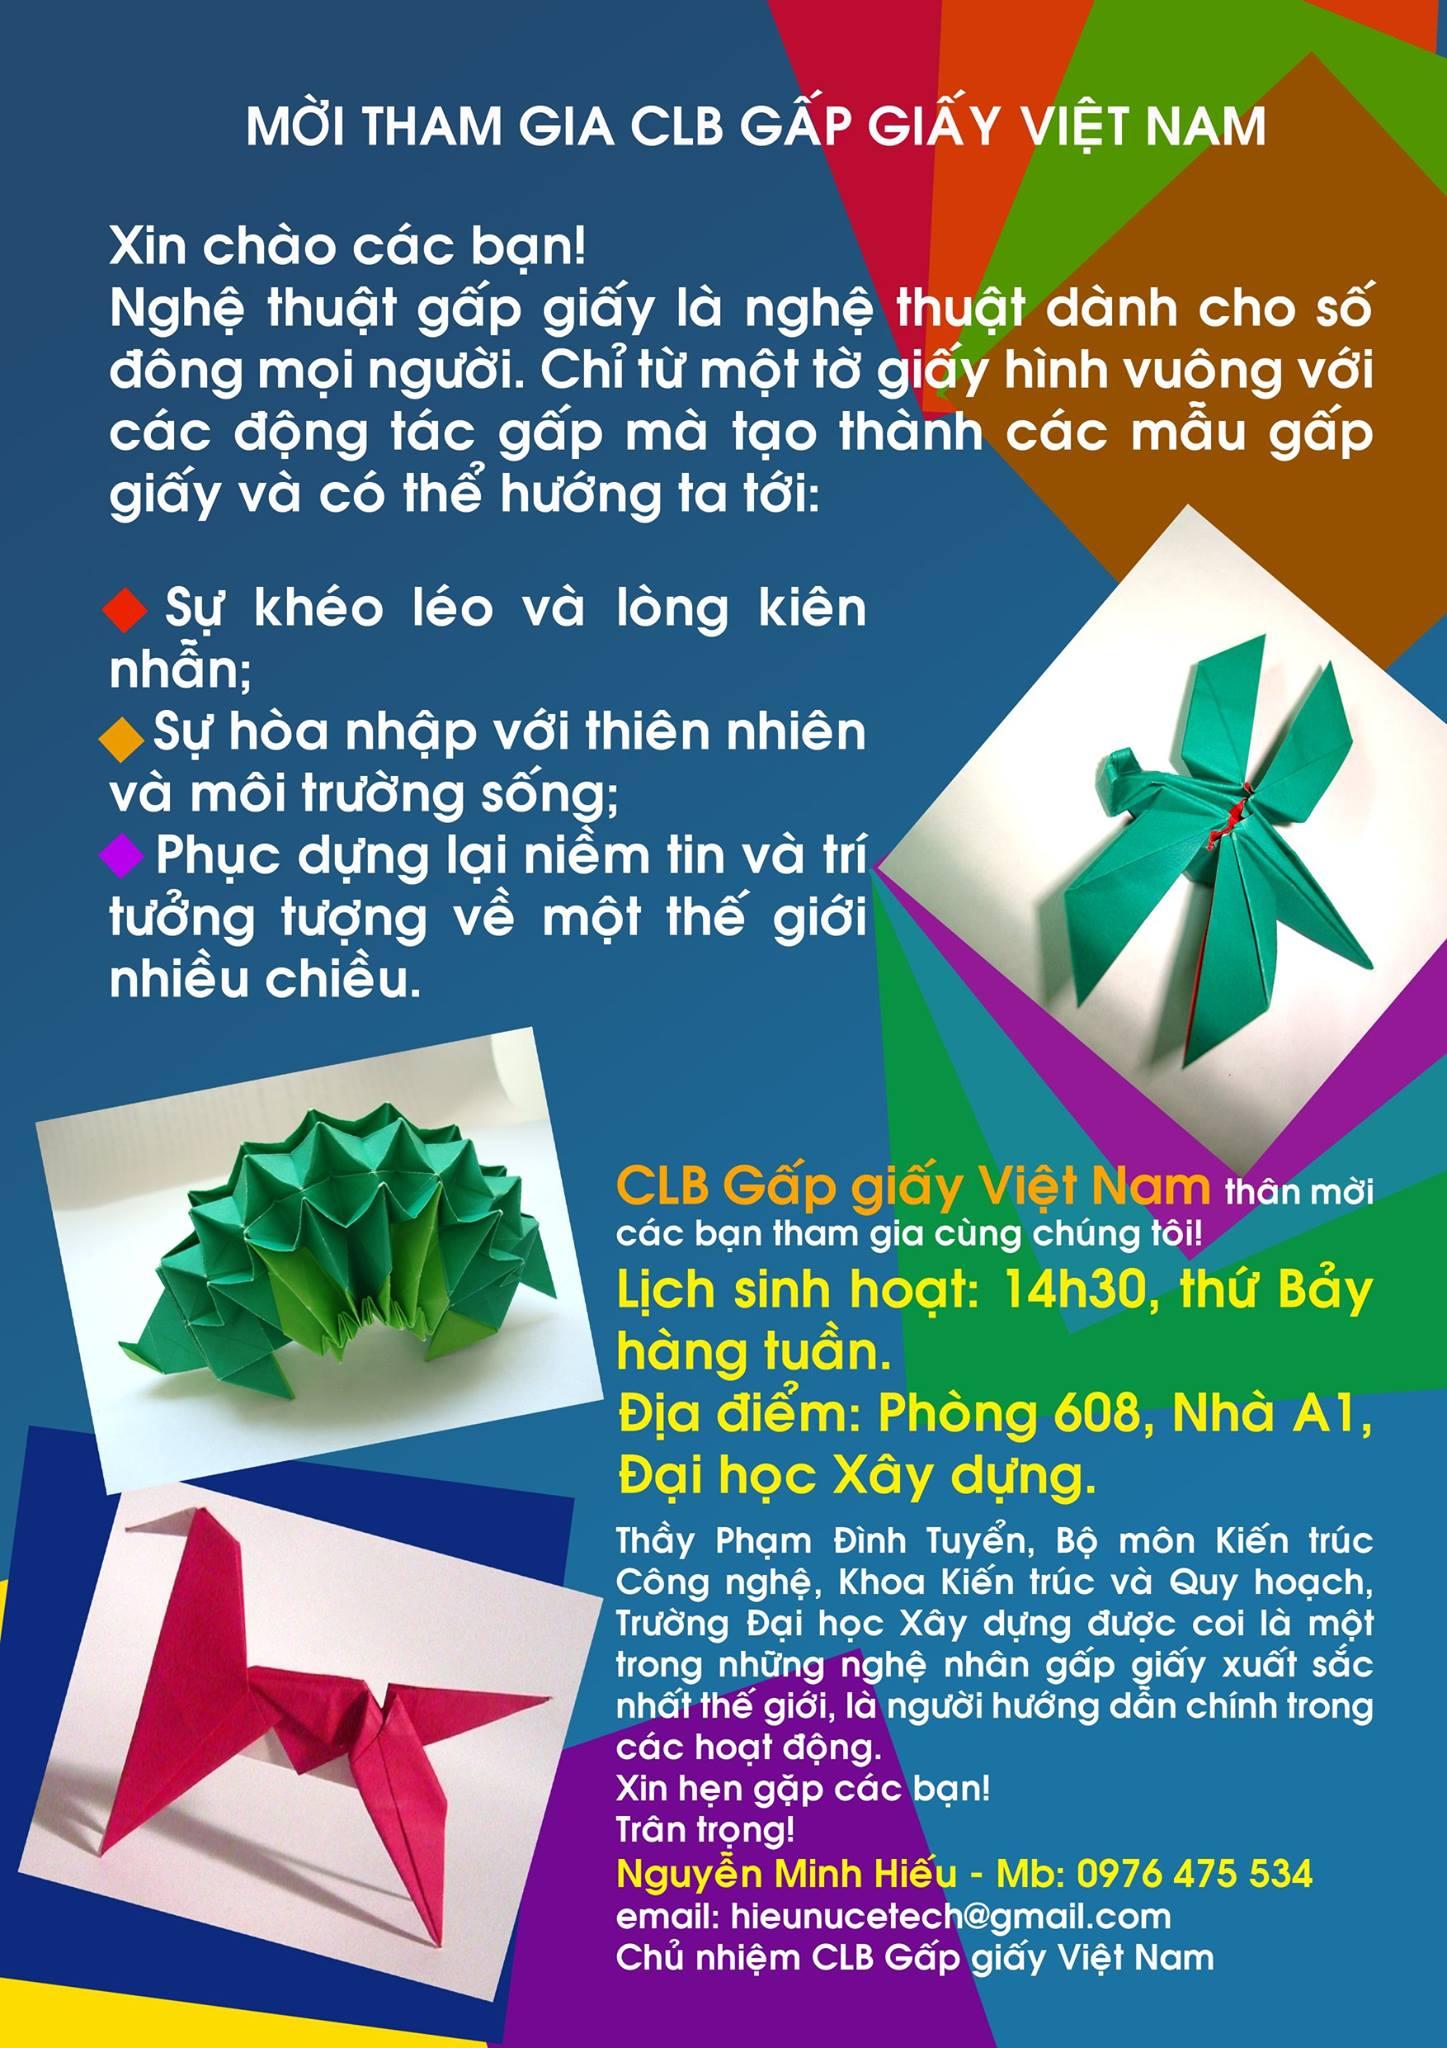 [HN] Sinh Hoạt Hàng Tuần Cùng CLB Gấp Giấy Việt Nam